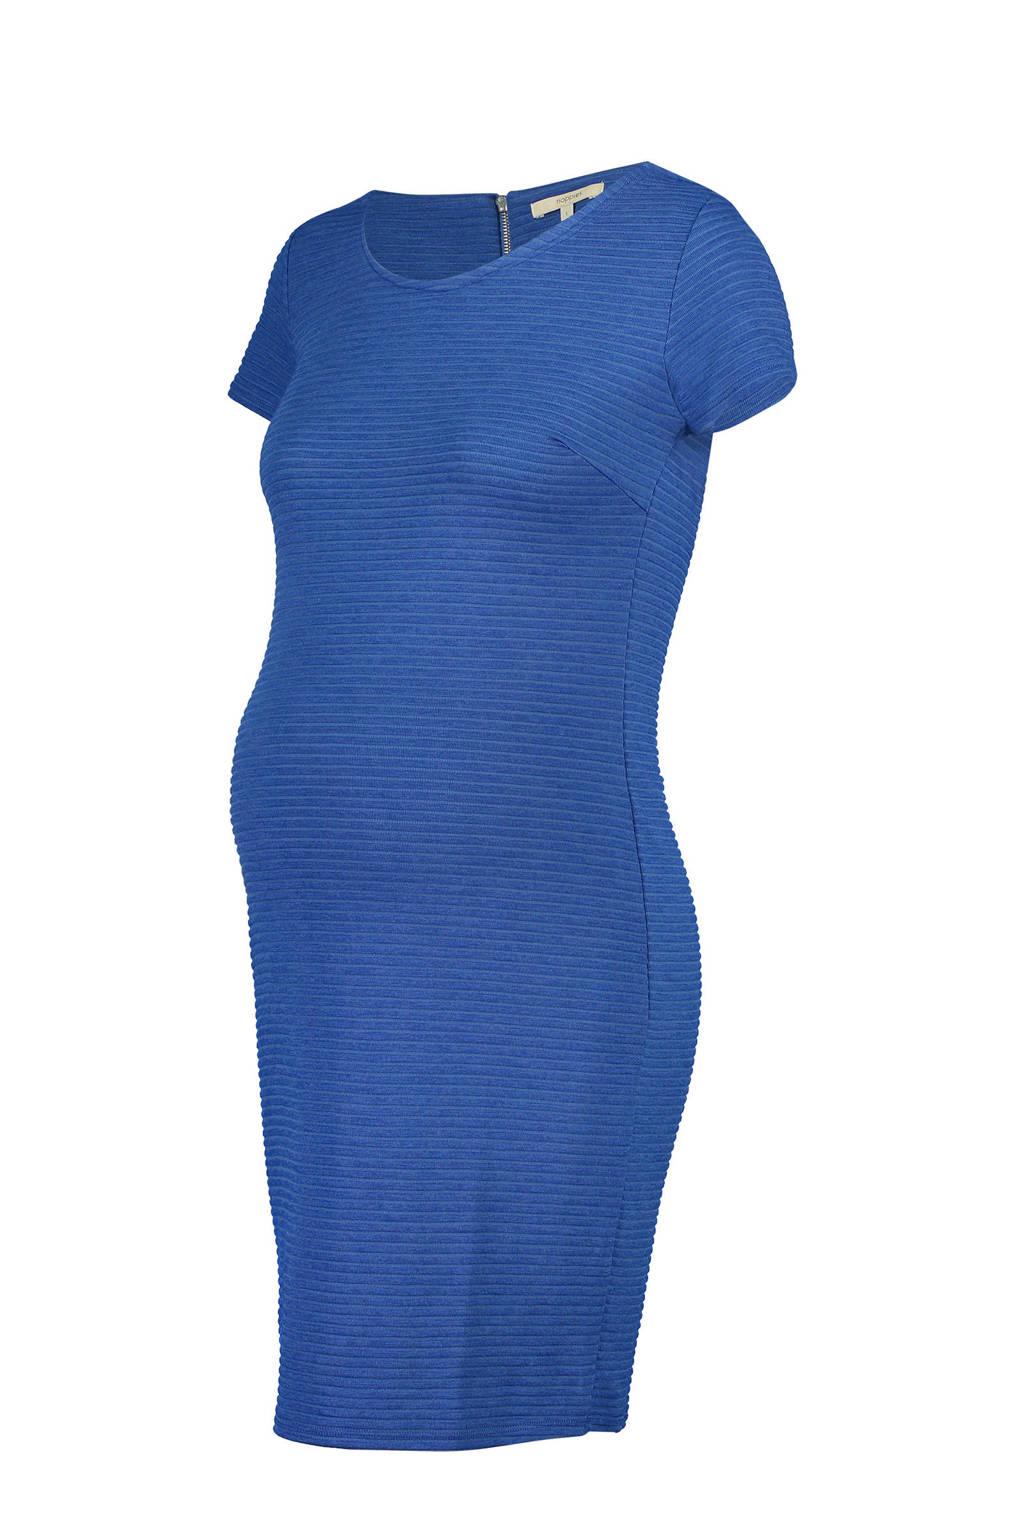 Noppies zwangerschapsjurk Zinnia blauw, Blauw